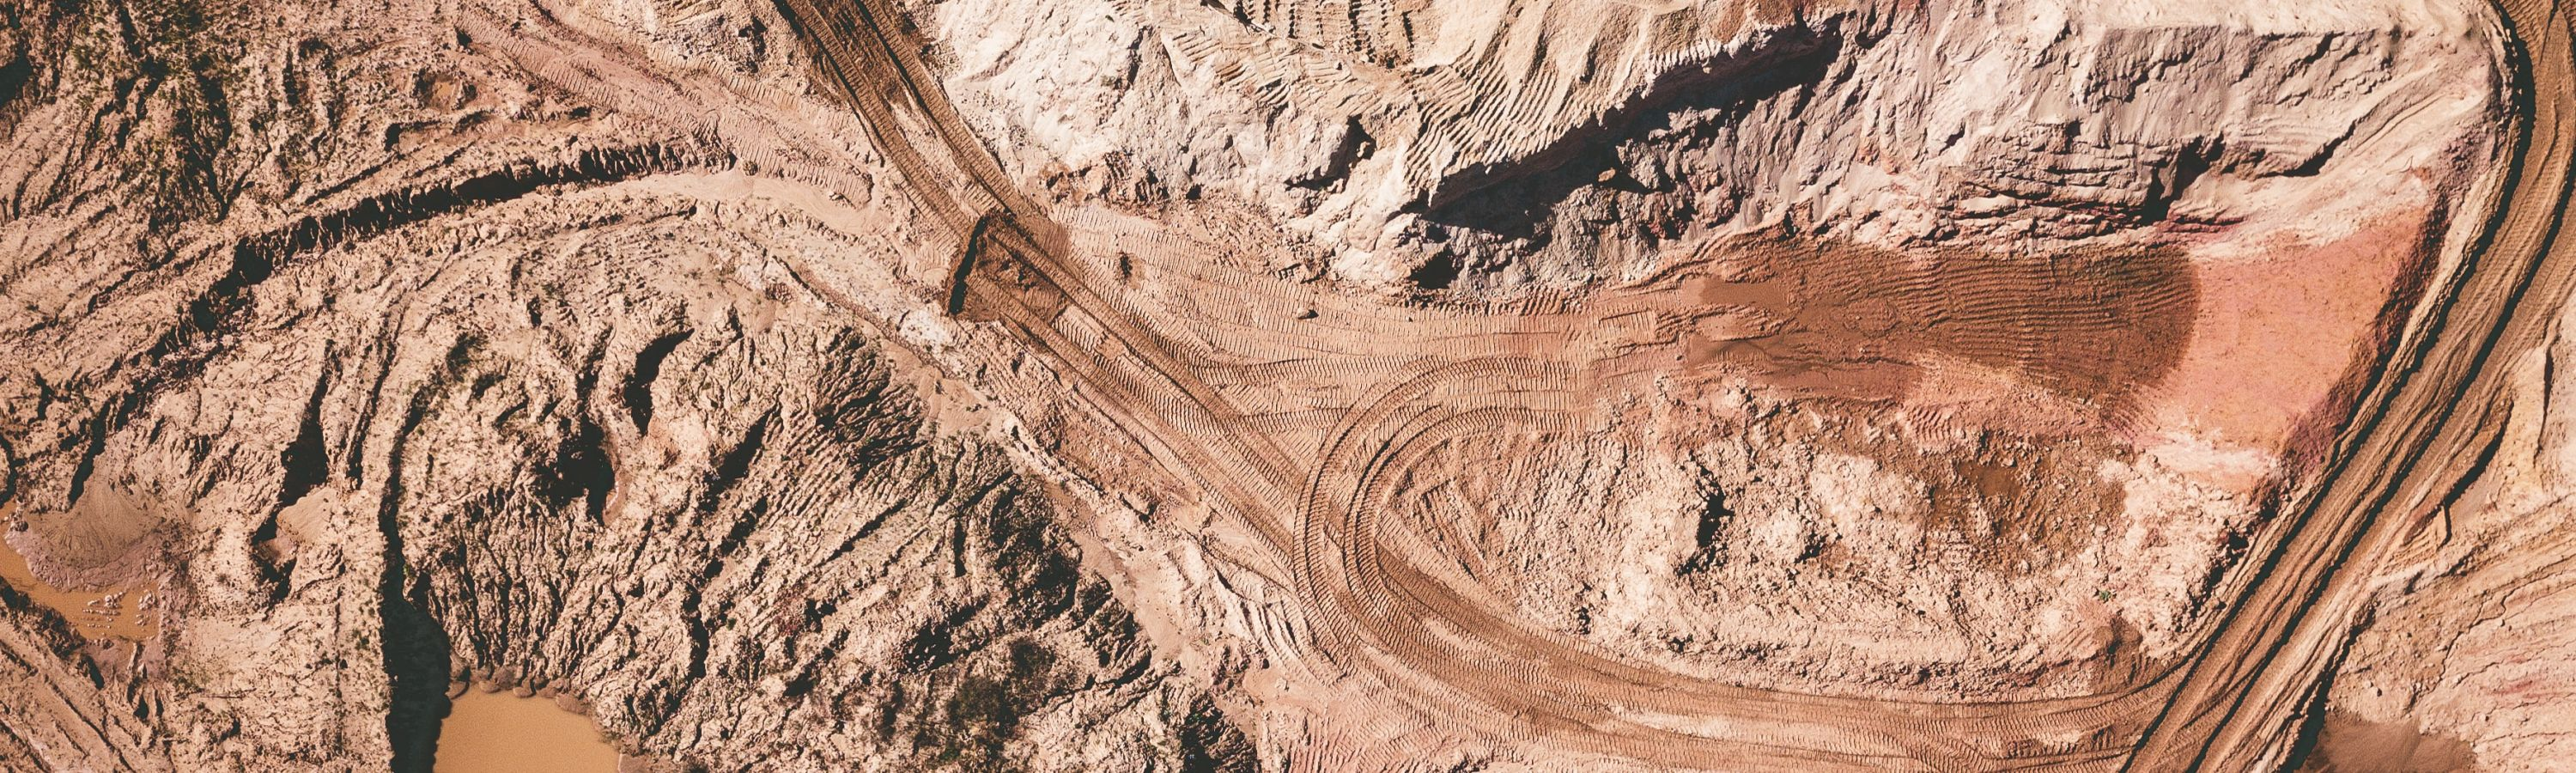 金属与矿业